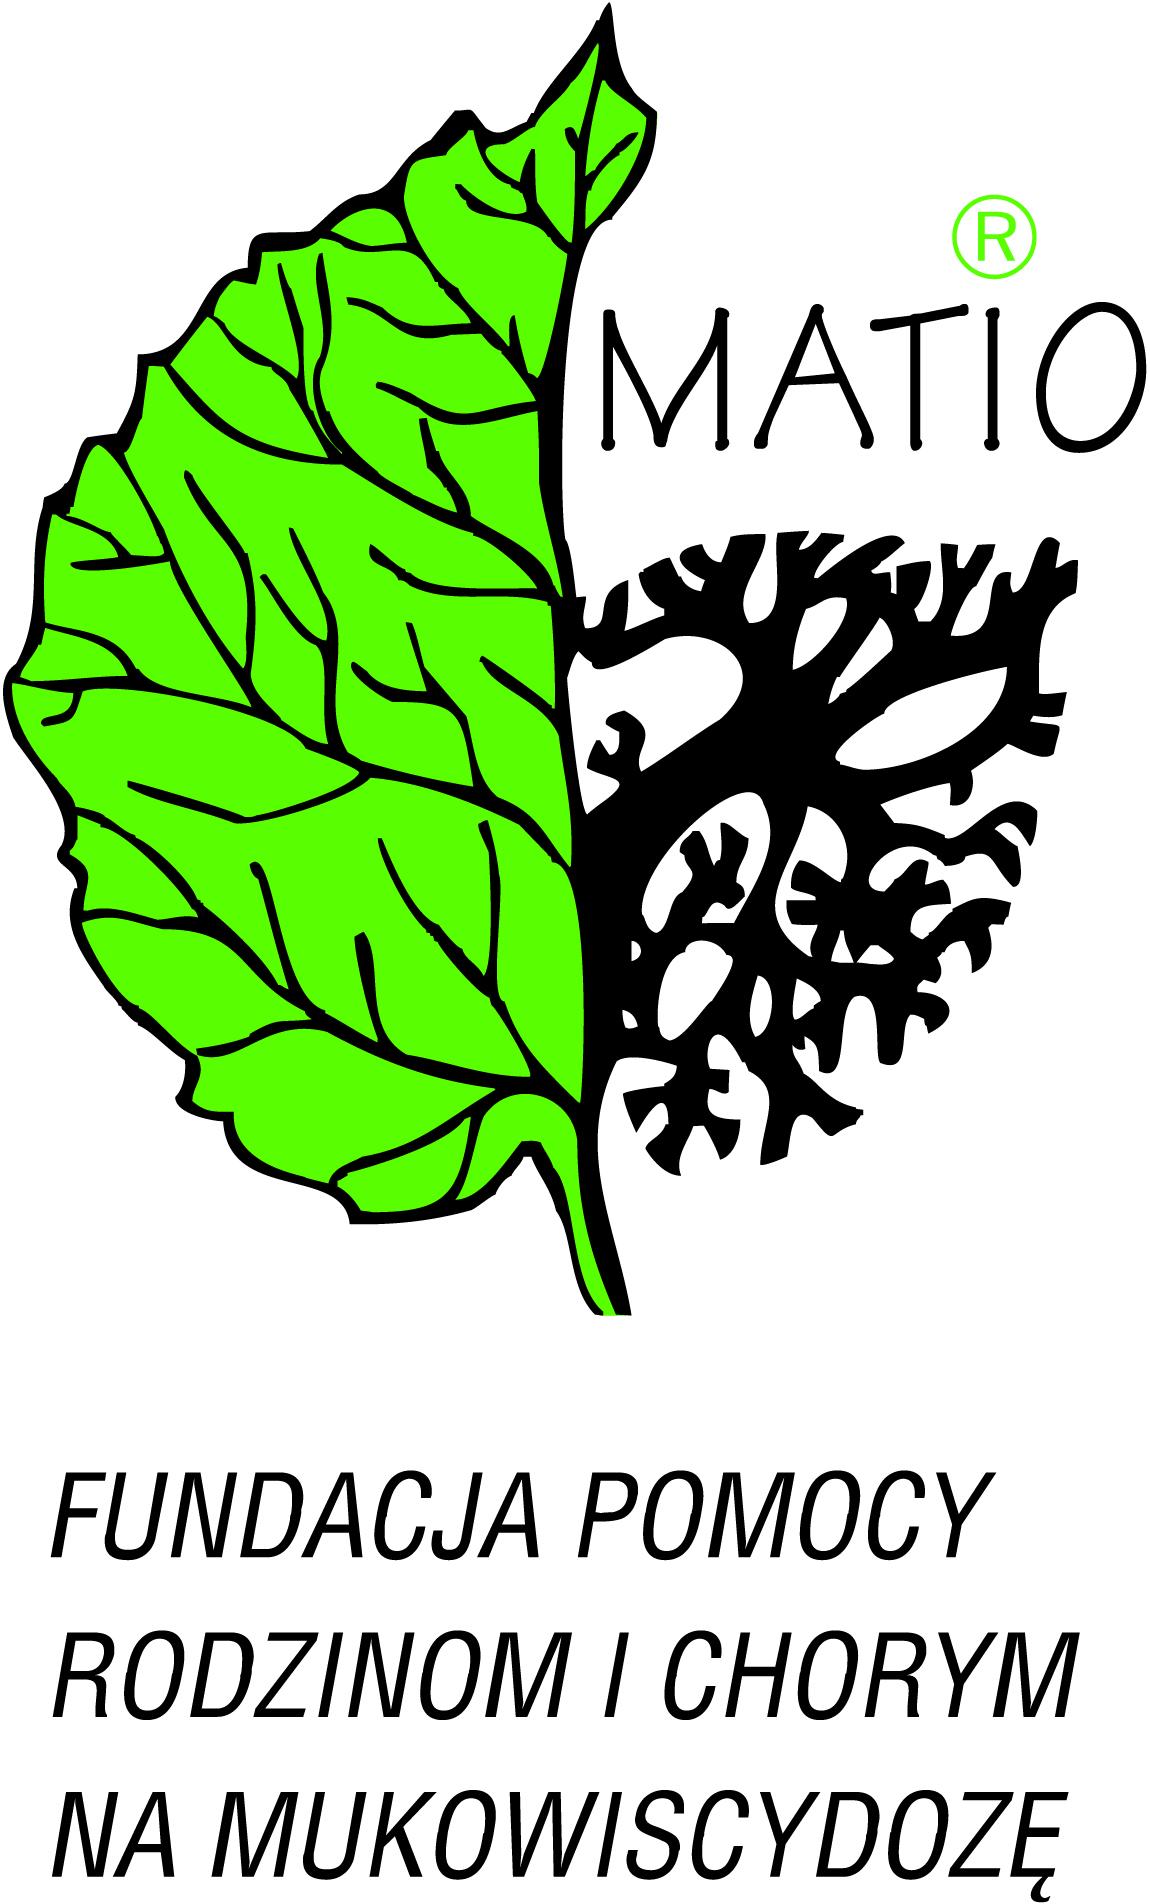 matio_logo_cmyk